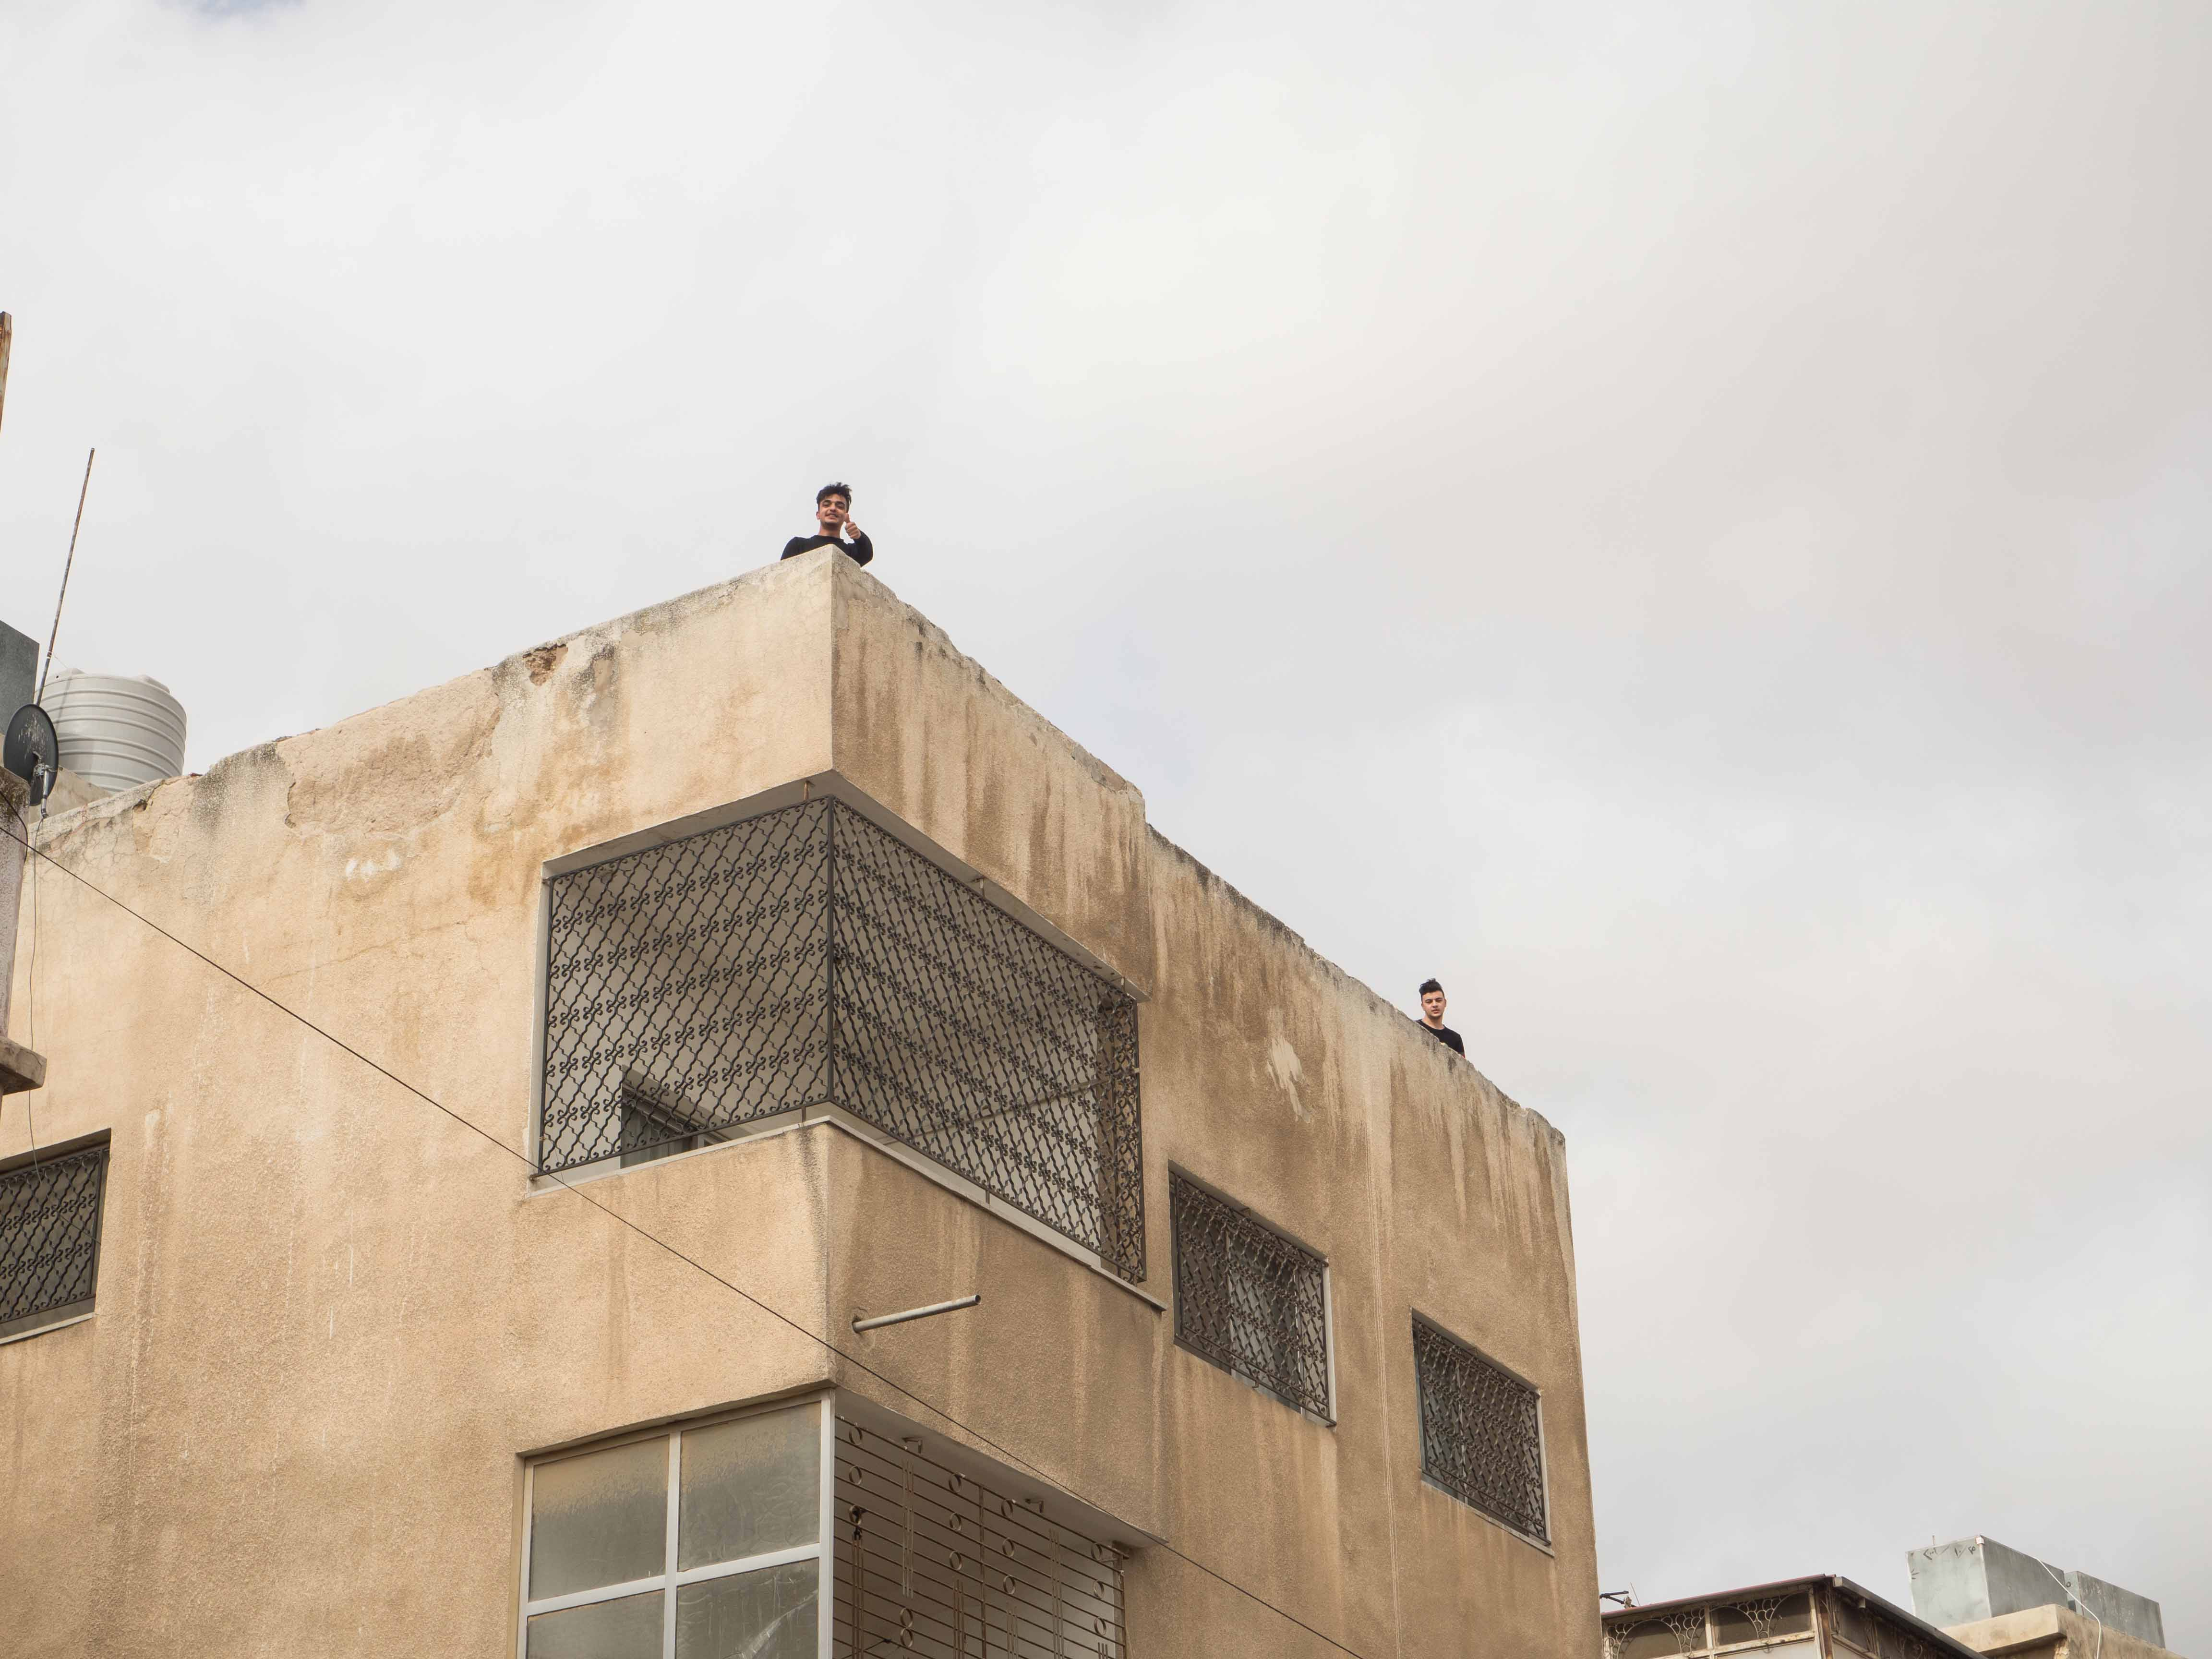 Nuorten ei ole aina helppoa löytää tilaa, jossa harrastaa tai viettää aikaa. Nuorisotilat tai muut ohjausta tarjoavat tilat eivät ole Jordaniassa yleisiä. Niinpä useille nuorille vaihtoehdoiksi jäävät joko oma koti tai katu. Kuva: Saana Sarpo